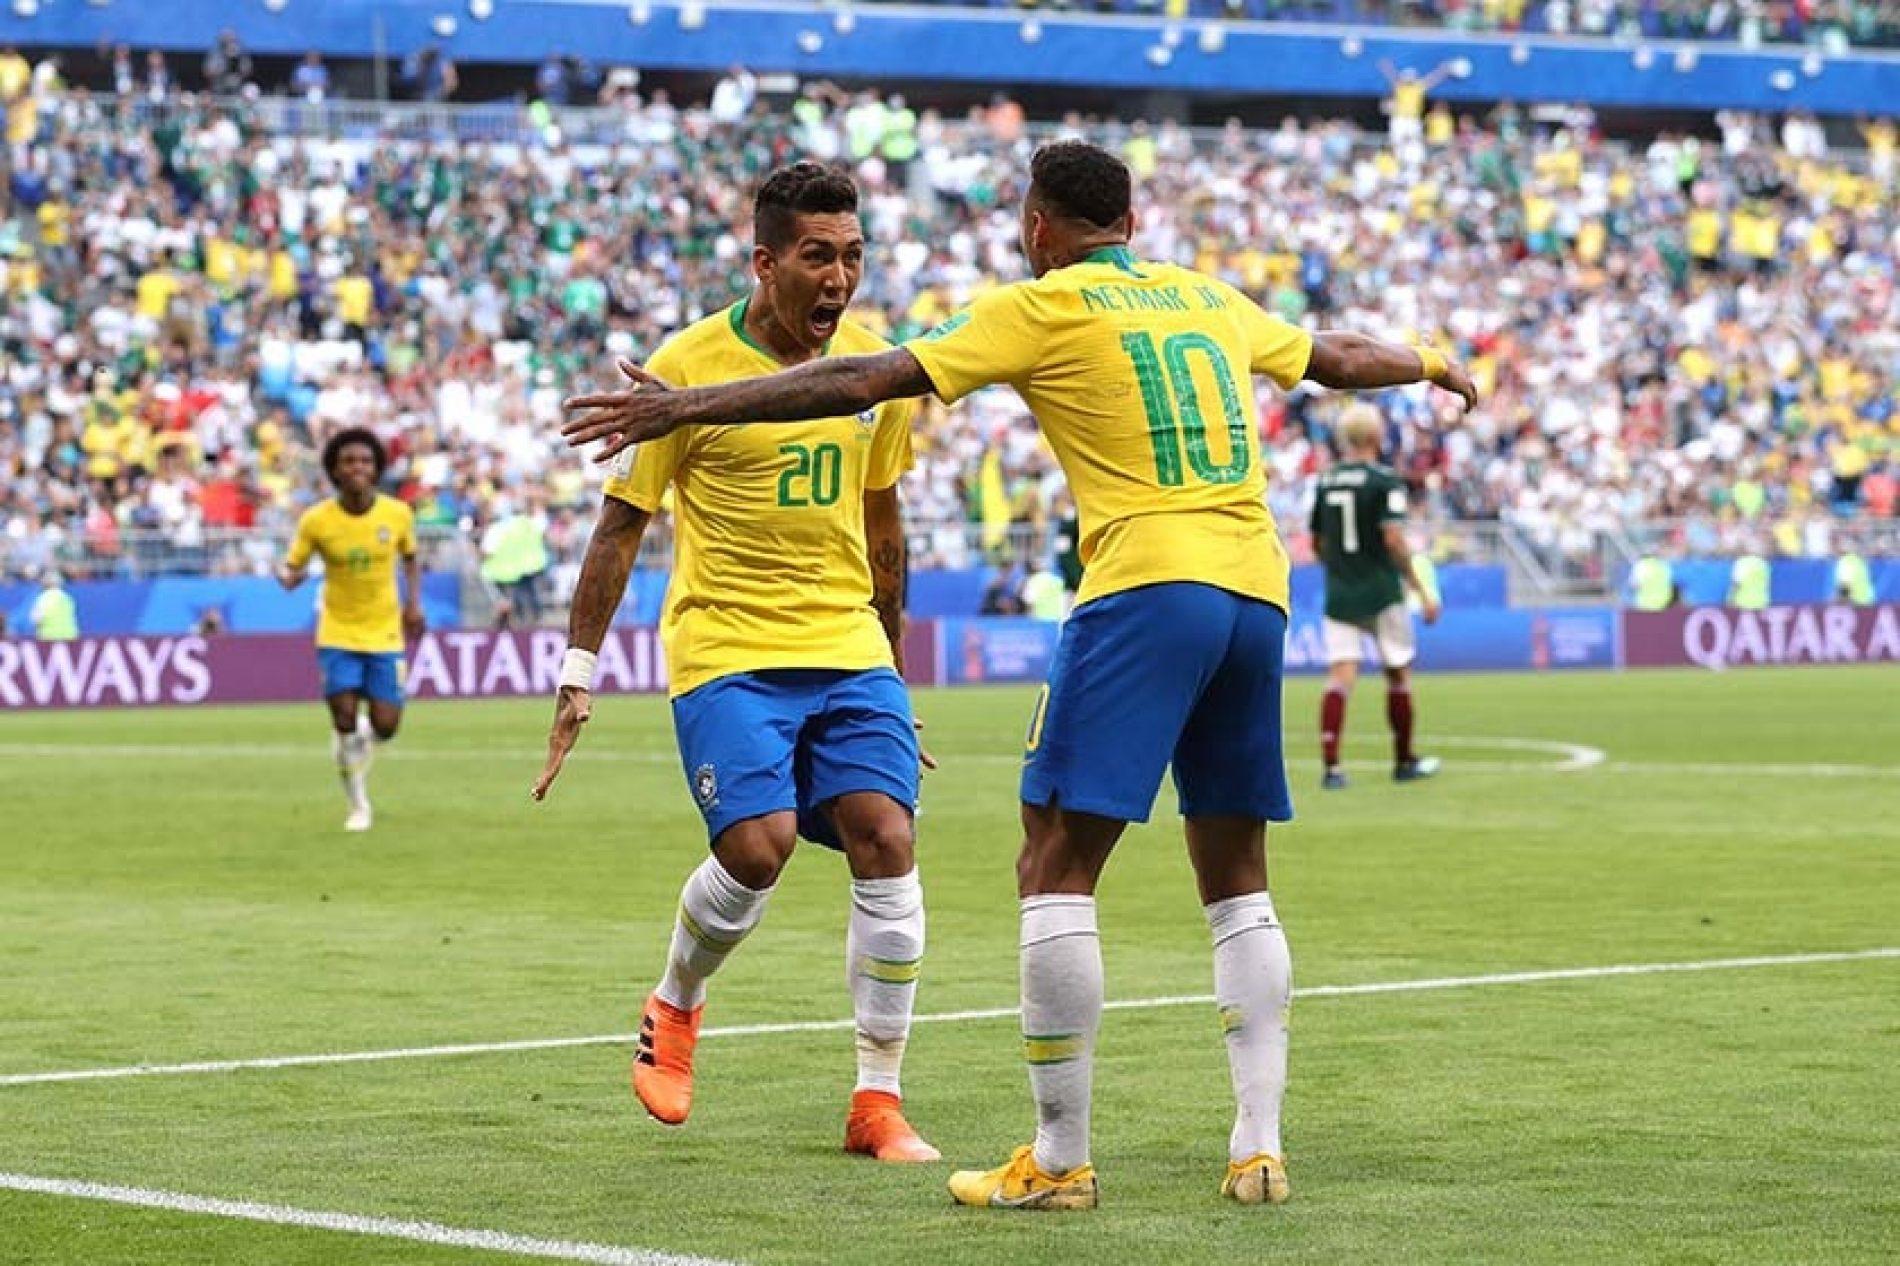 Brasil derrota o México por 2 x 0 e espera vencedor de Bélgica x Japão